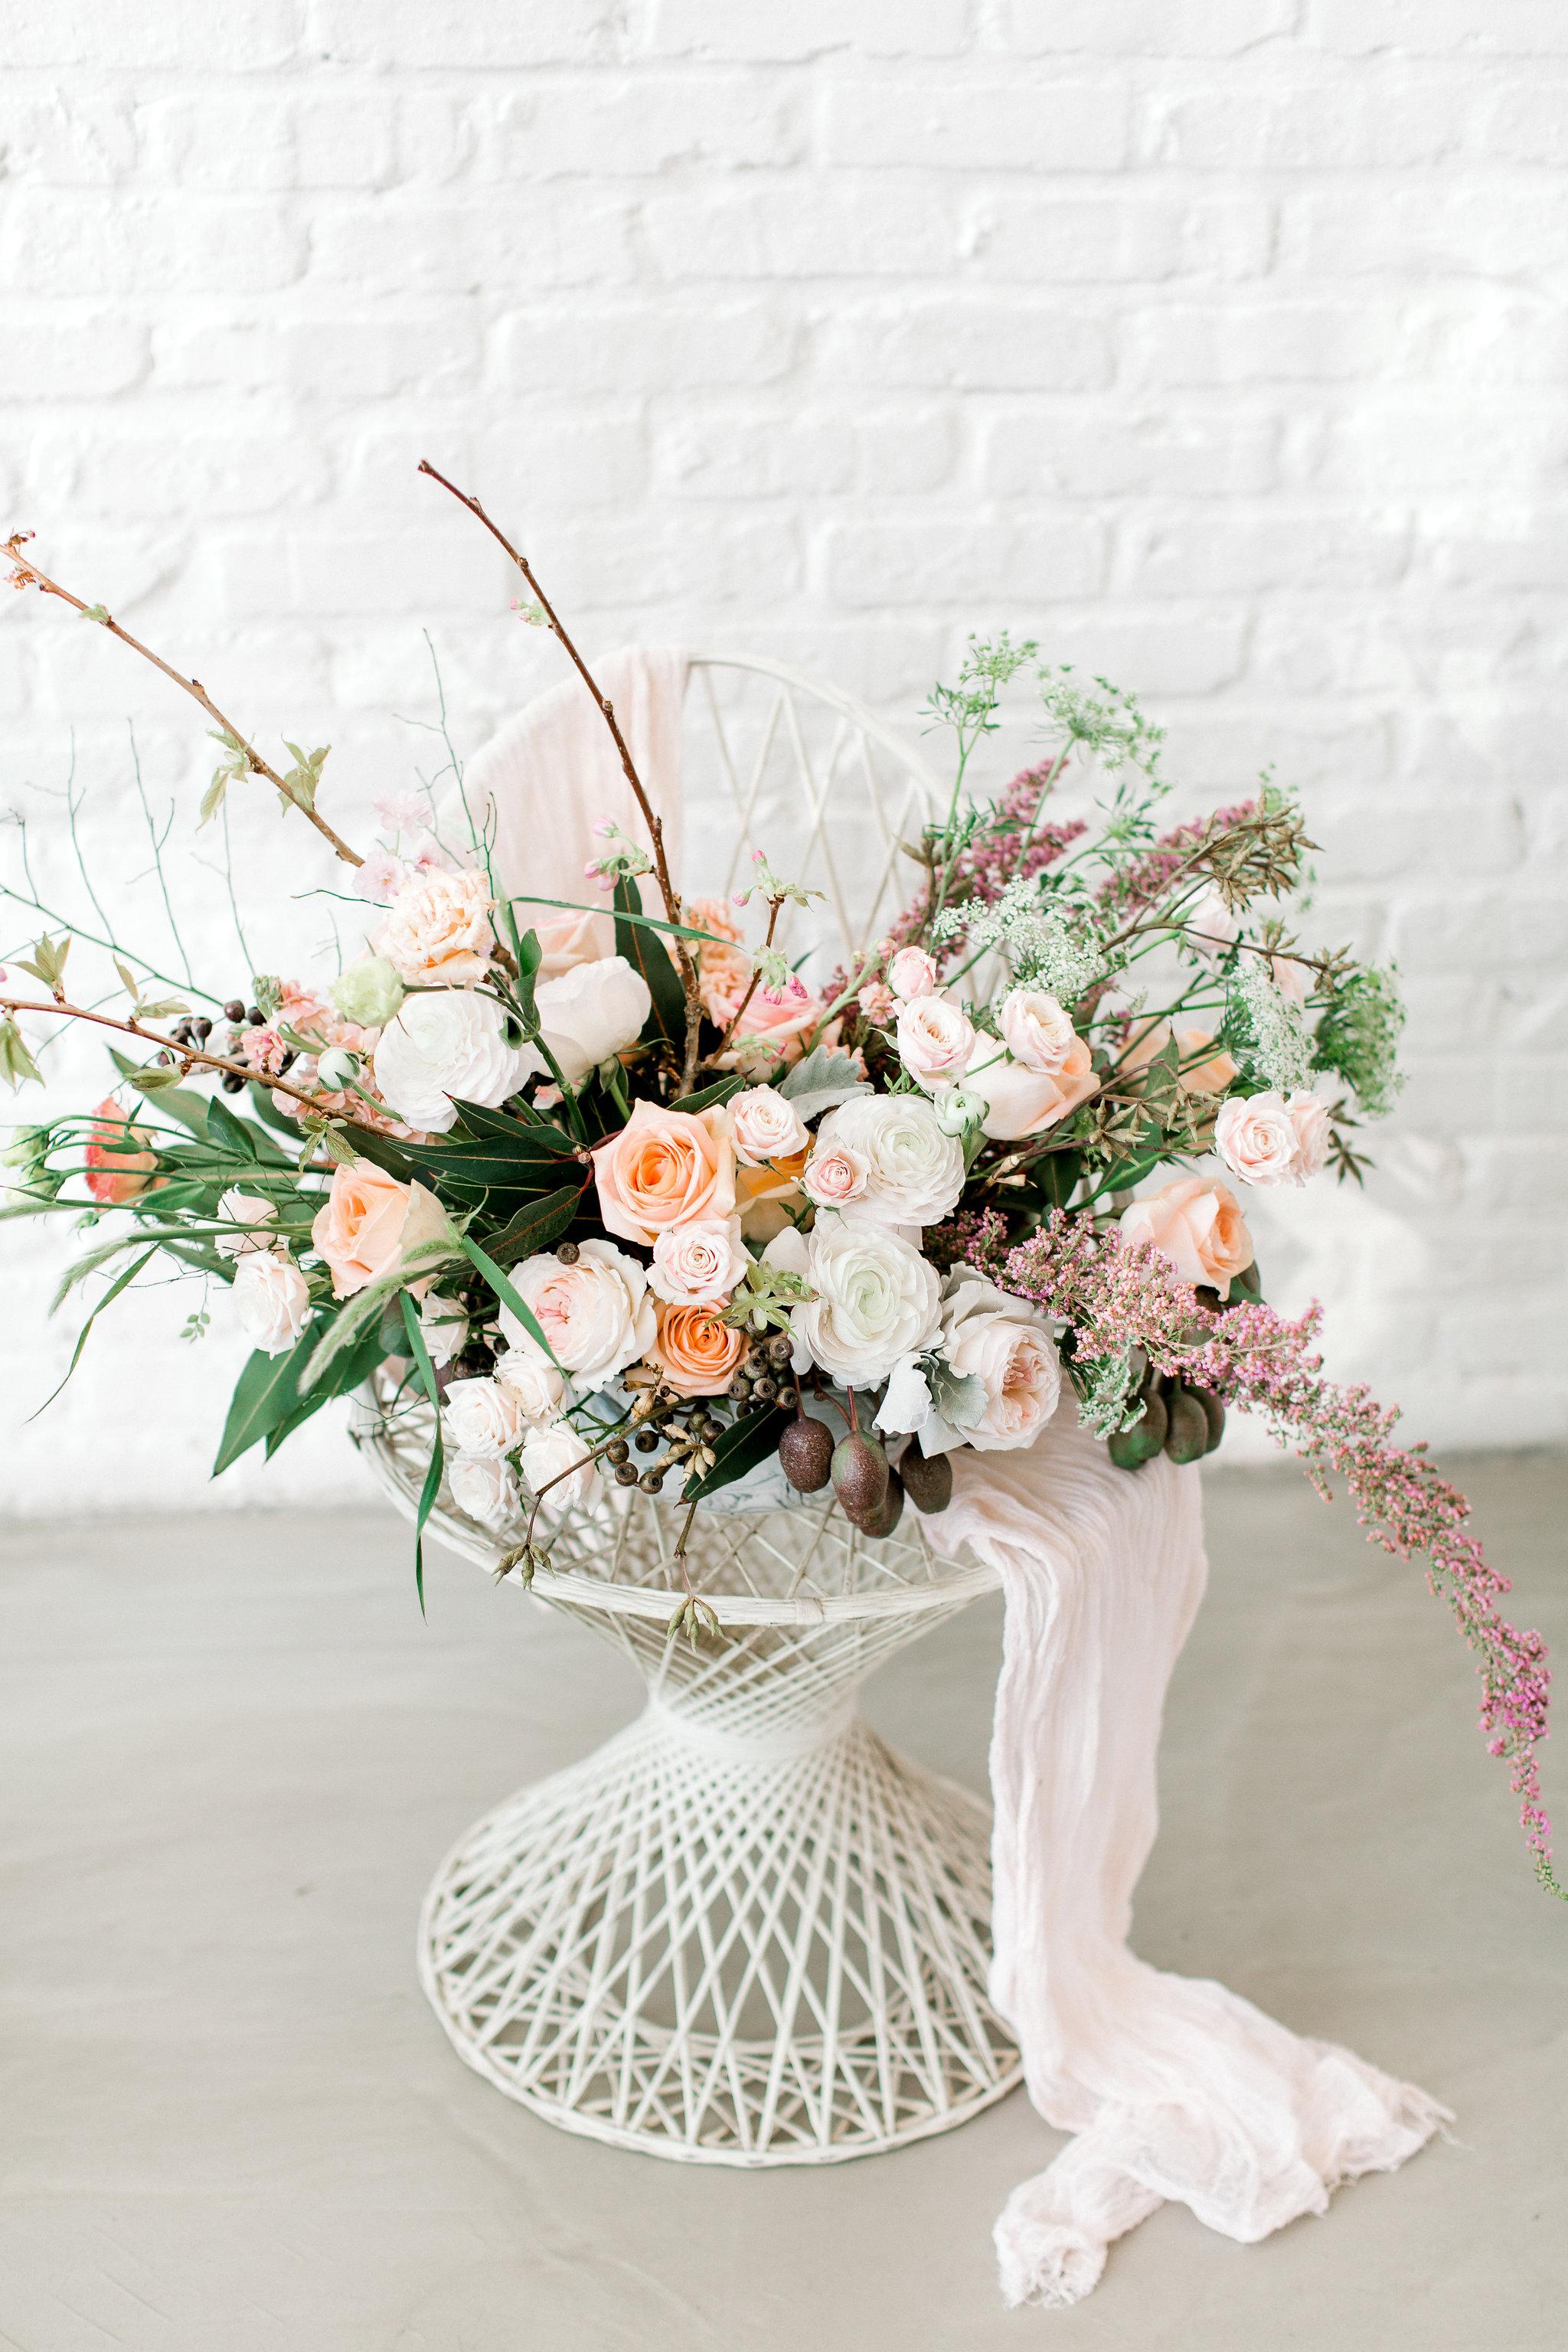 colorado-wedding-florist-romantic-flowers-la-rue-floral.jpg